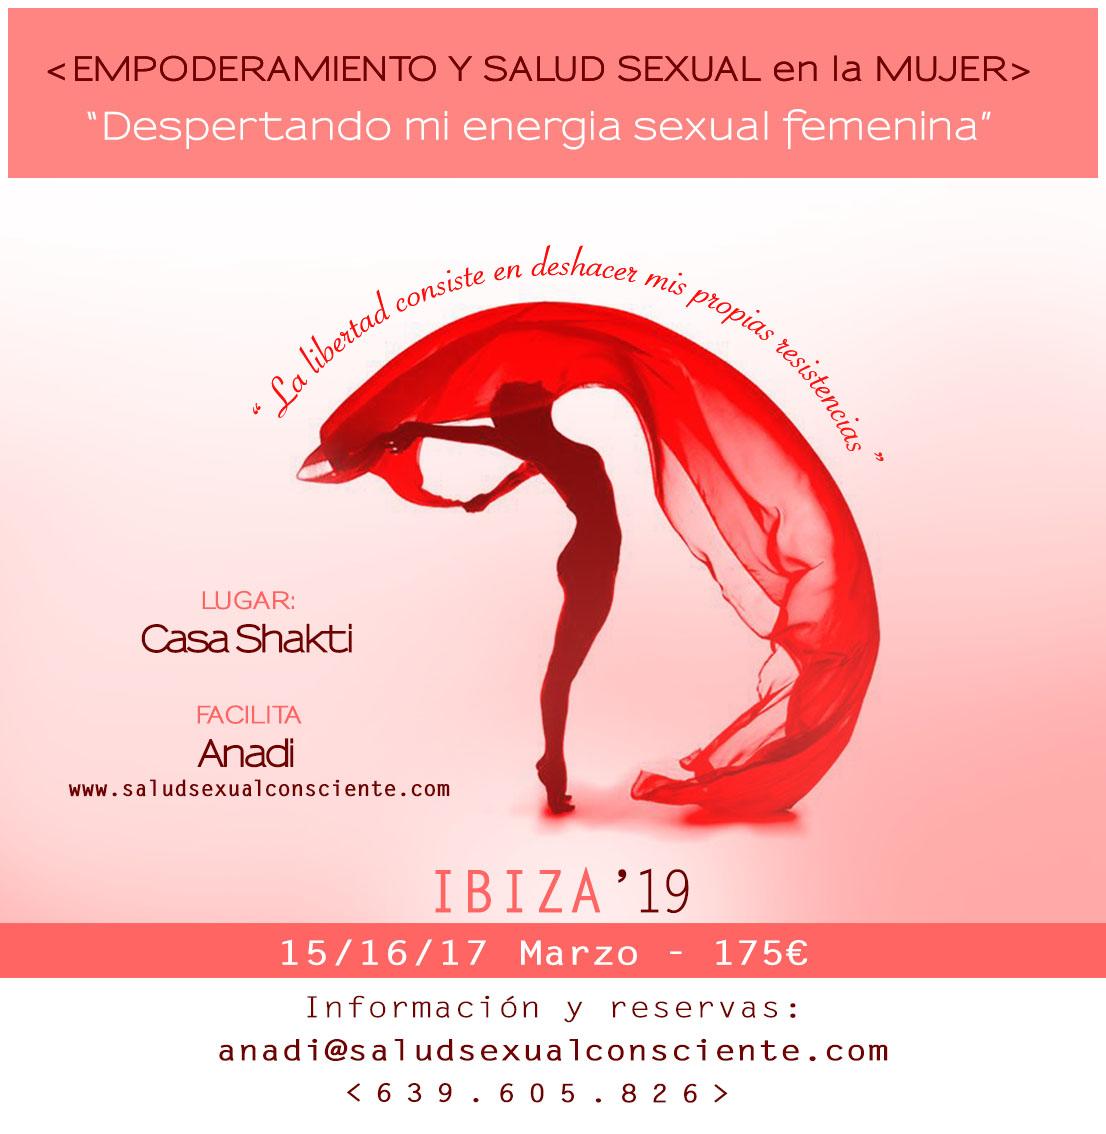 Taller de Salud Sexual Consciente con Anadi